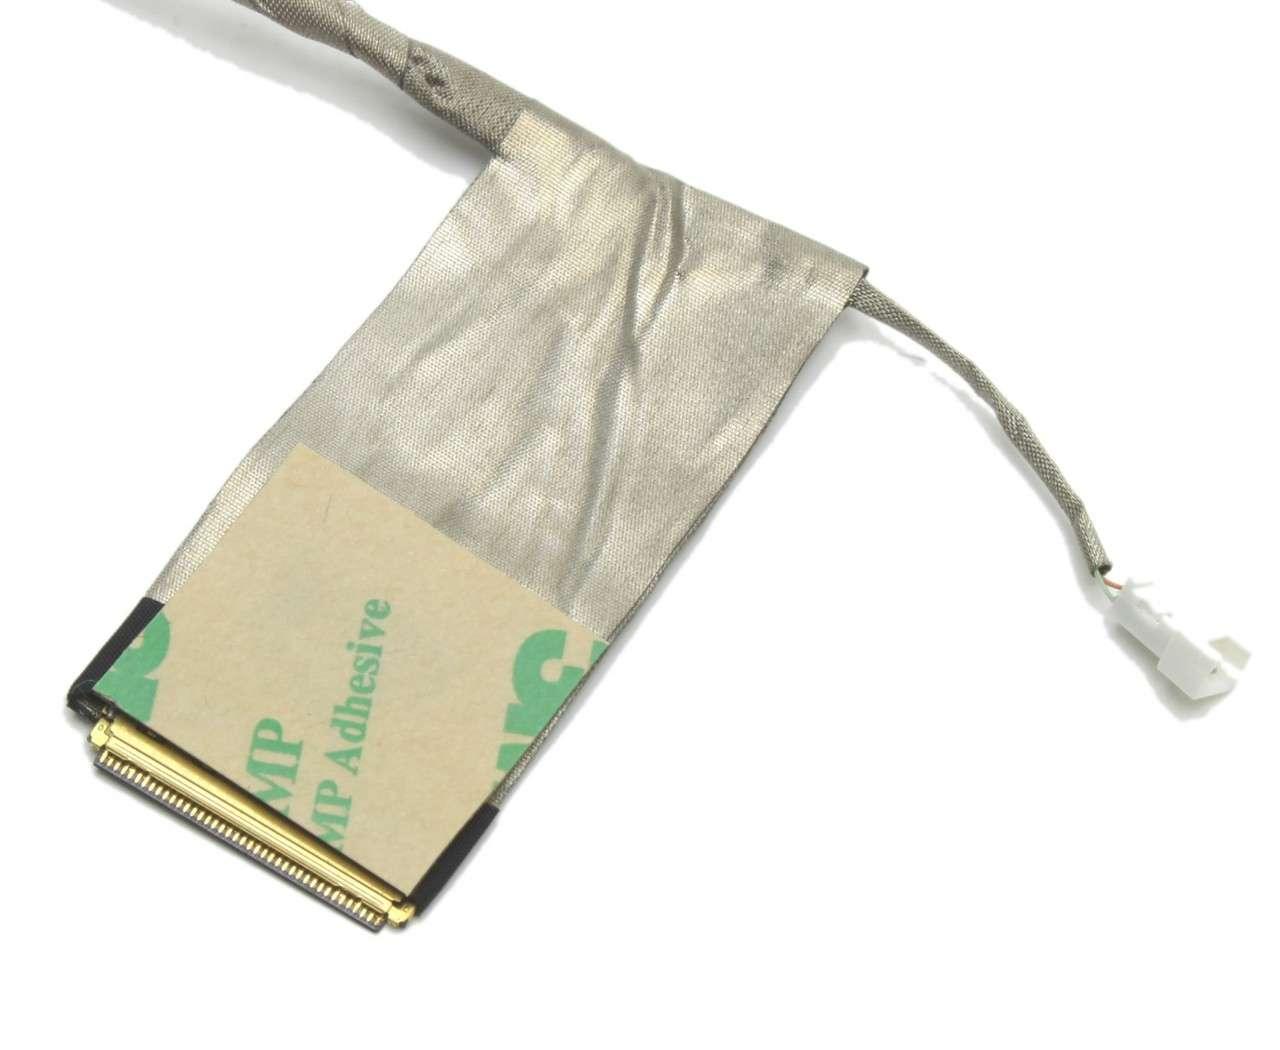 Cablu video LVDS Acer 50 4IQ01 051 imagine